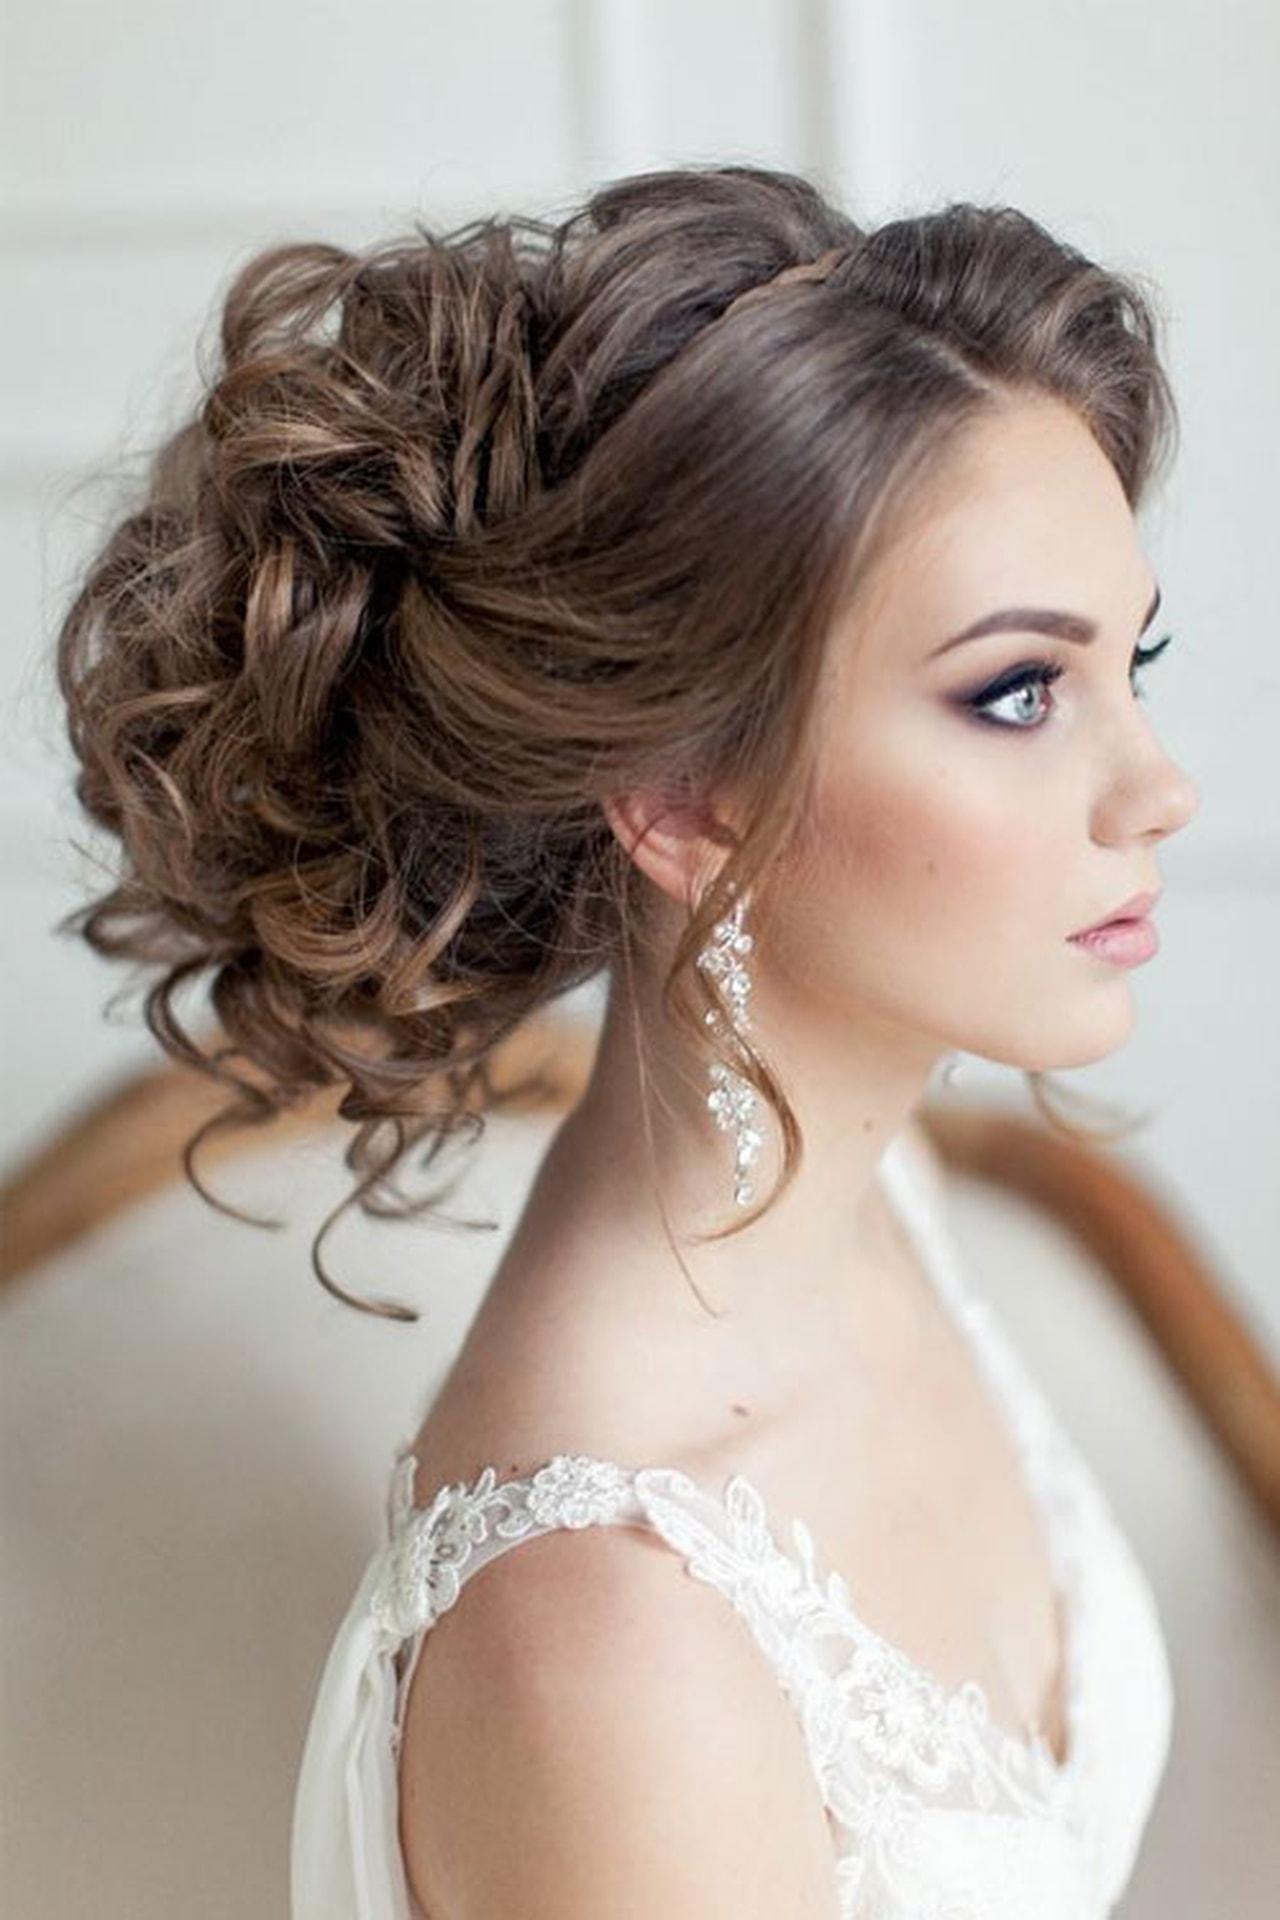 صور تسريحات شعر عروس , اجمل تسريحات الشعر للعرايس